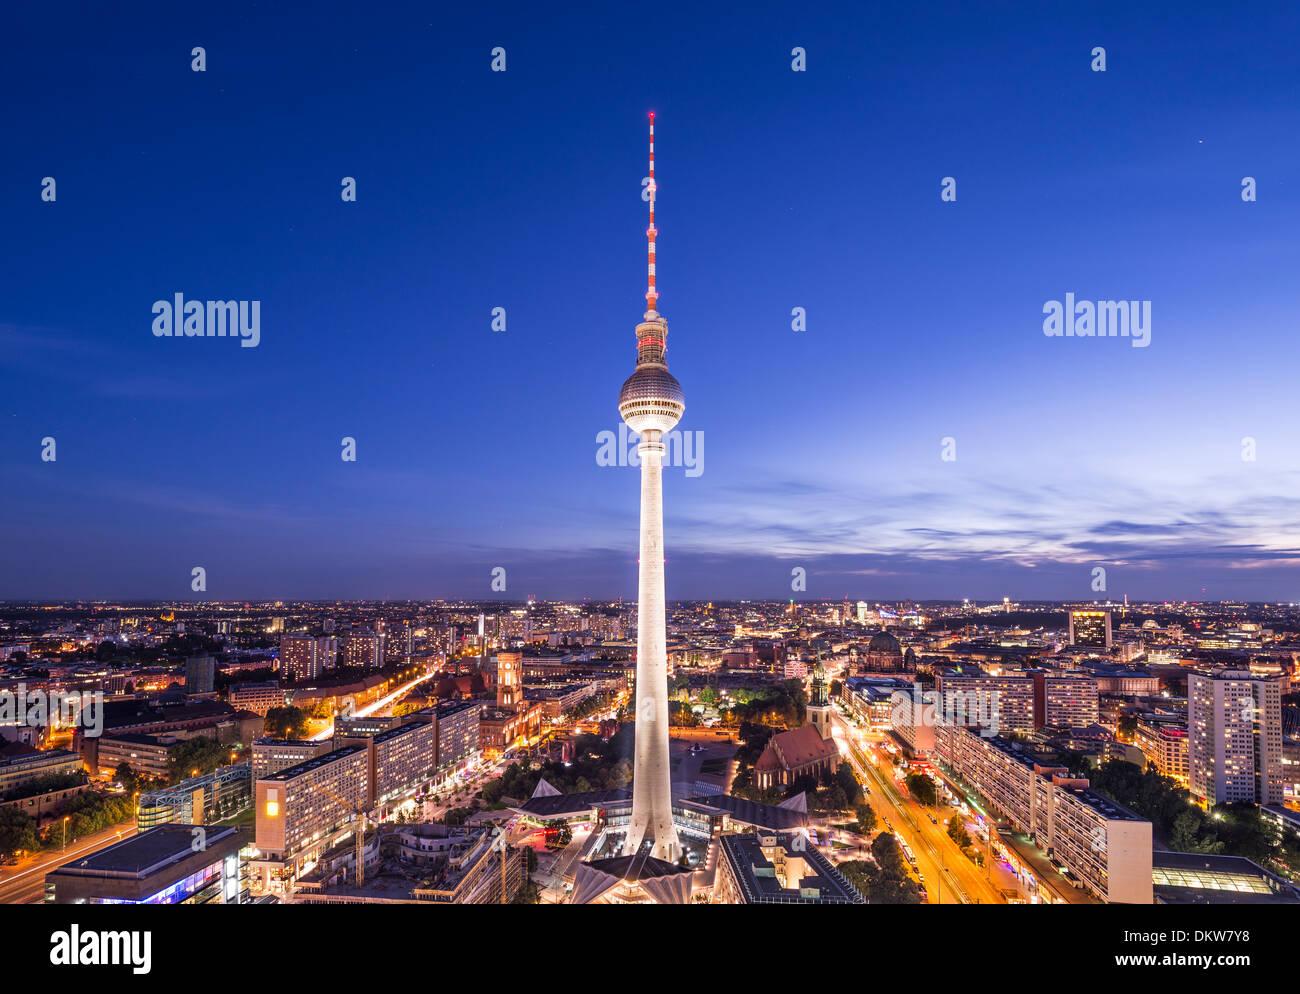 Stadtbild von Berlin, Deutschland am Alexanderplatz. Stockbild